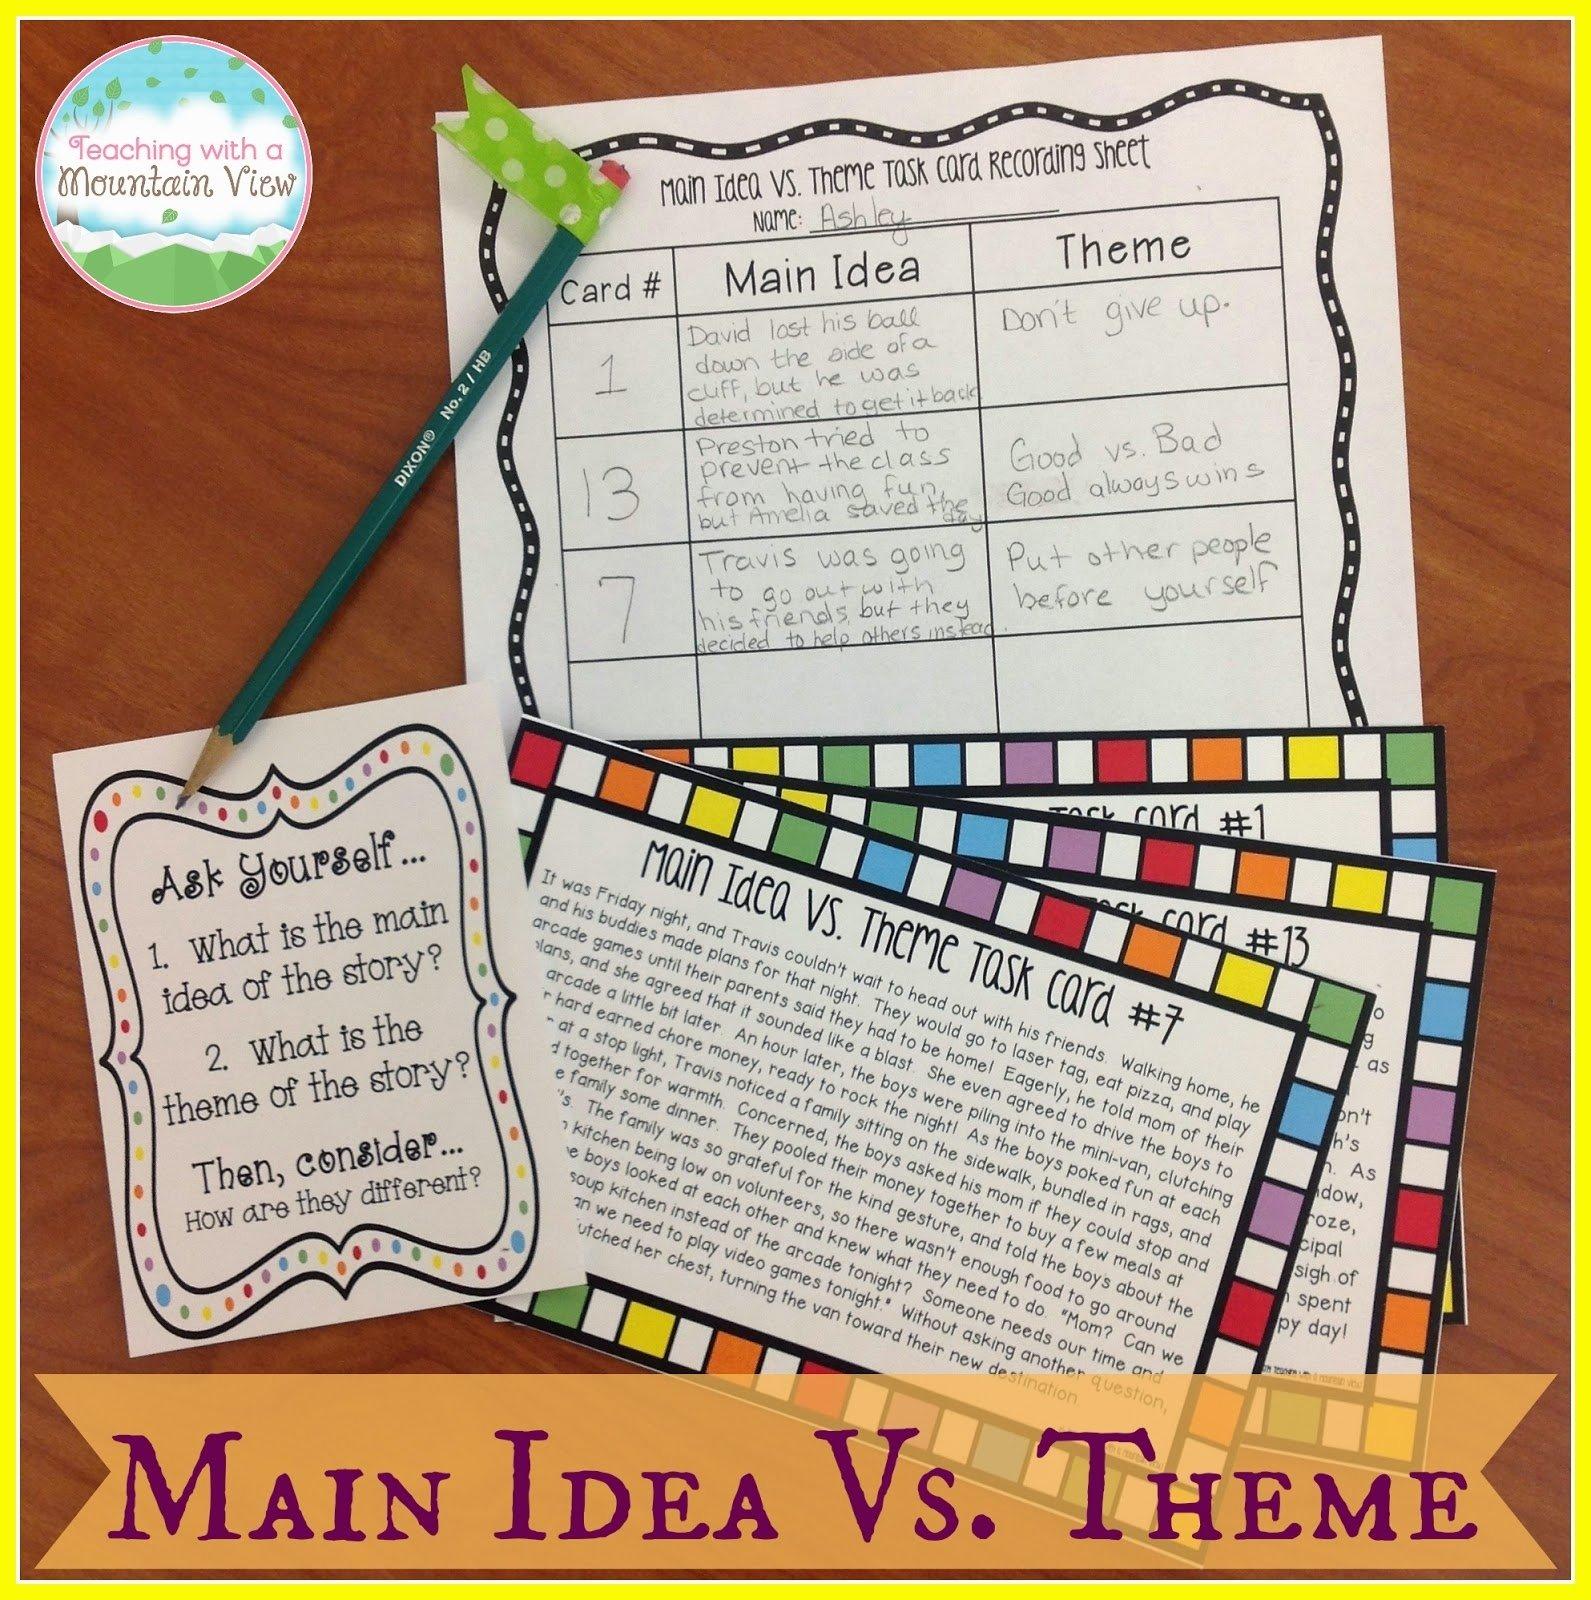 10 Ideal Main Idea Powerpoint 4Th Grade teaching with a mountain view teaching main idea vs theme 1 2021